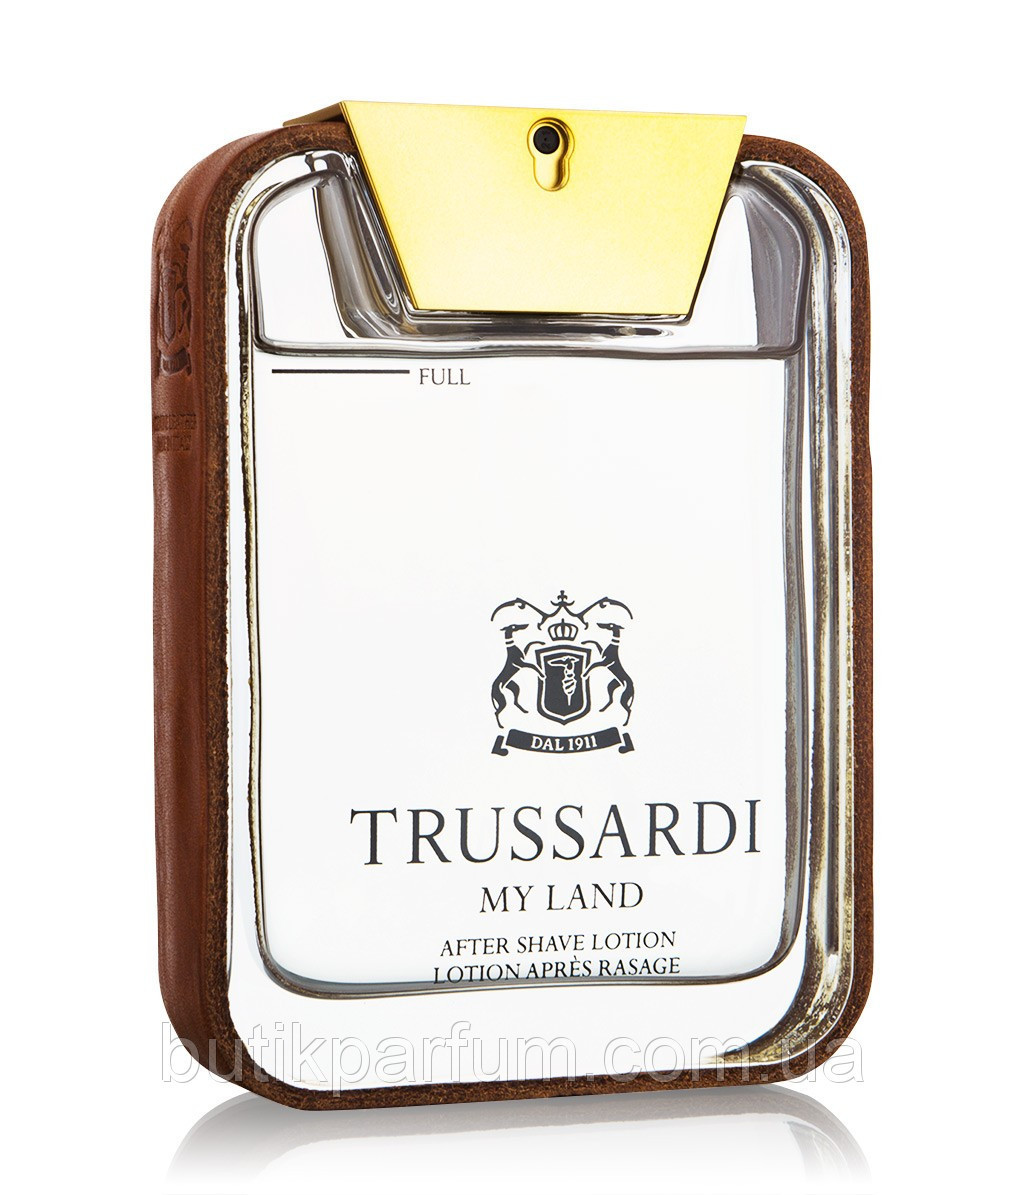 Trussardi My Land 100ml edt (мужественный, статусный, престижный, дорогой аромат богатства)